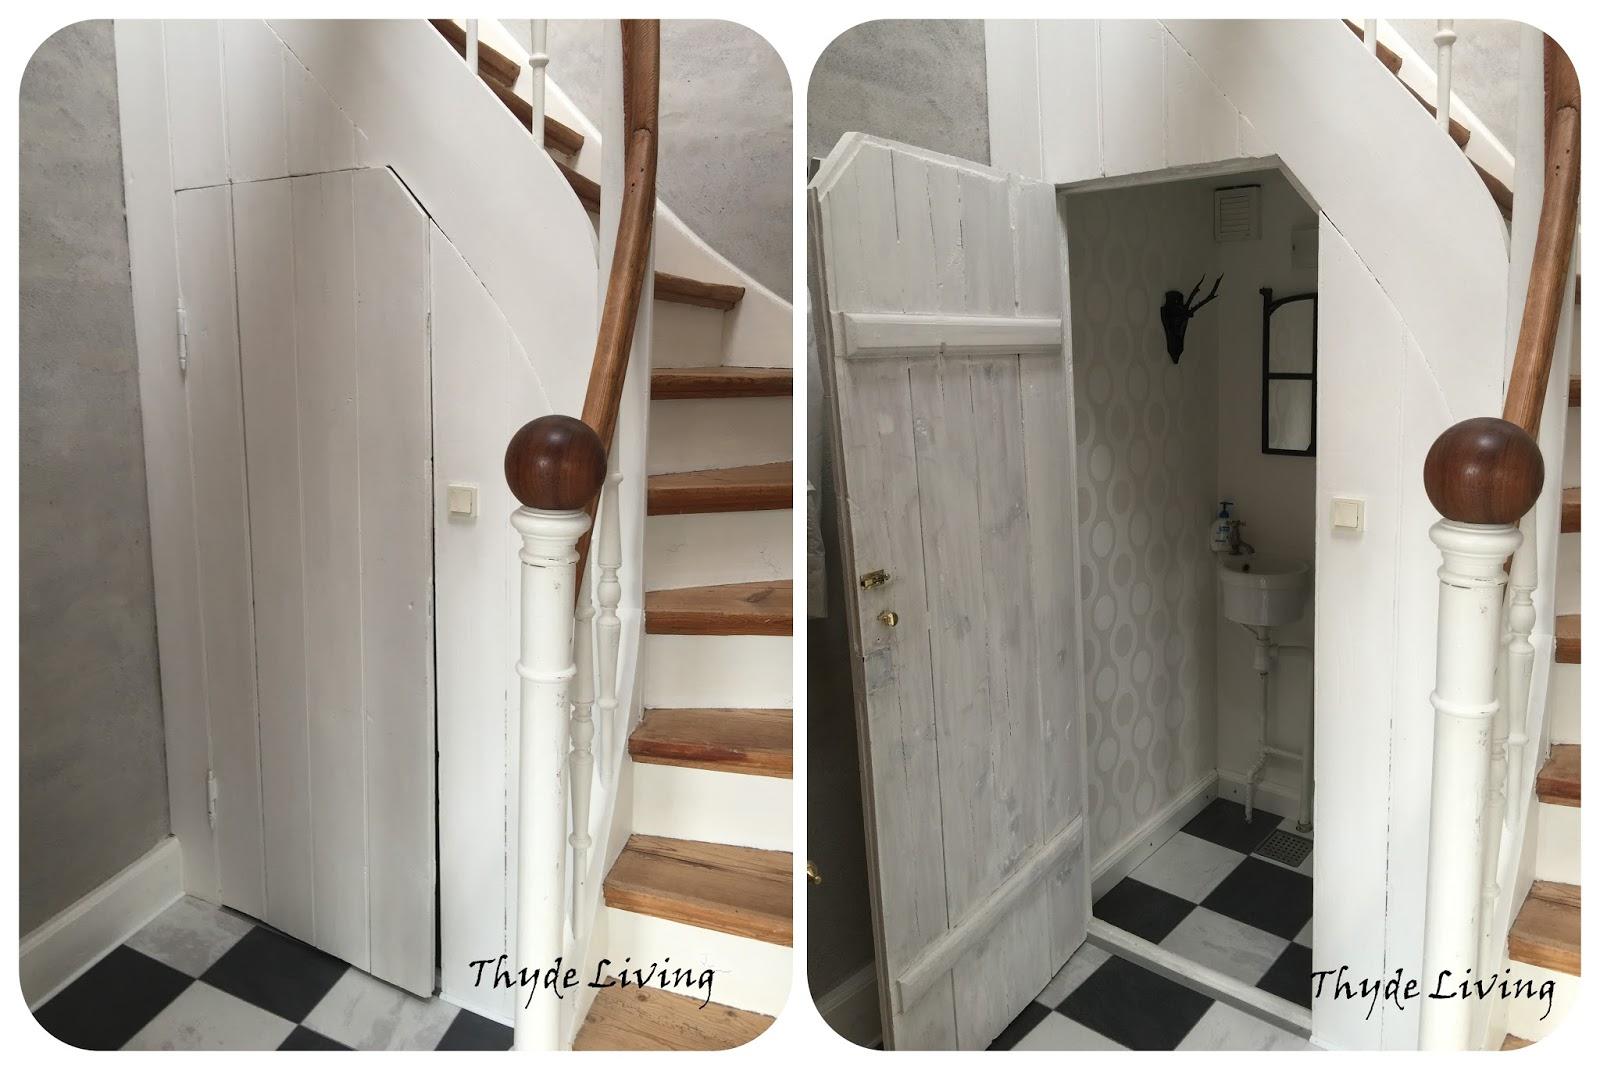 Thyde living: lille toilet under trappen ... det er ret hyggeligt